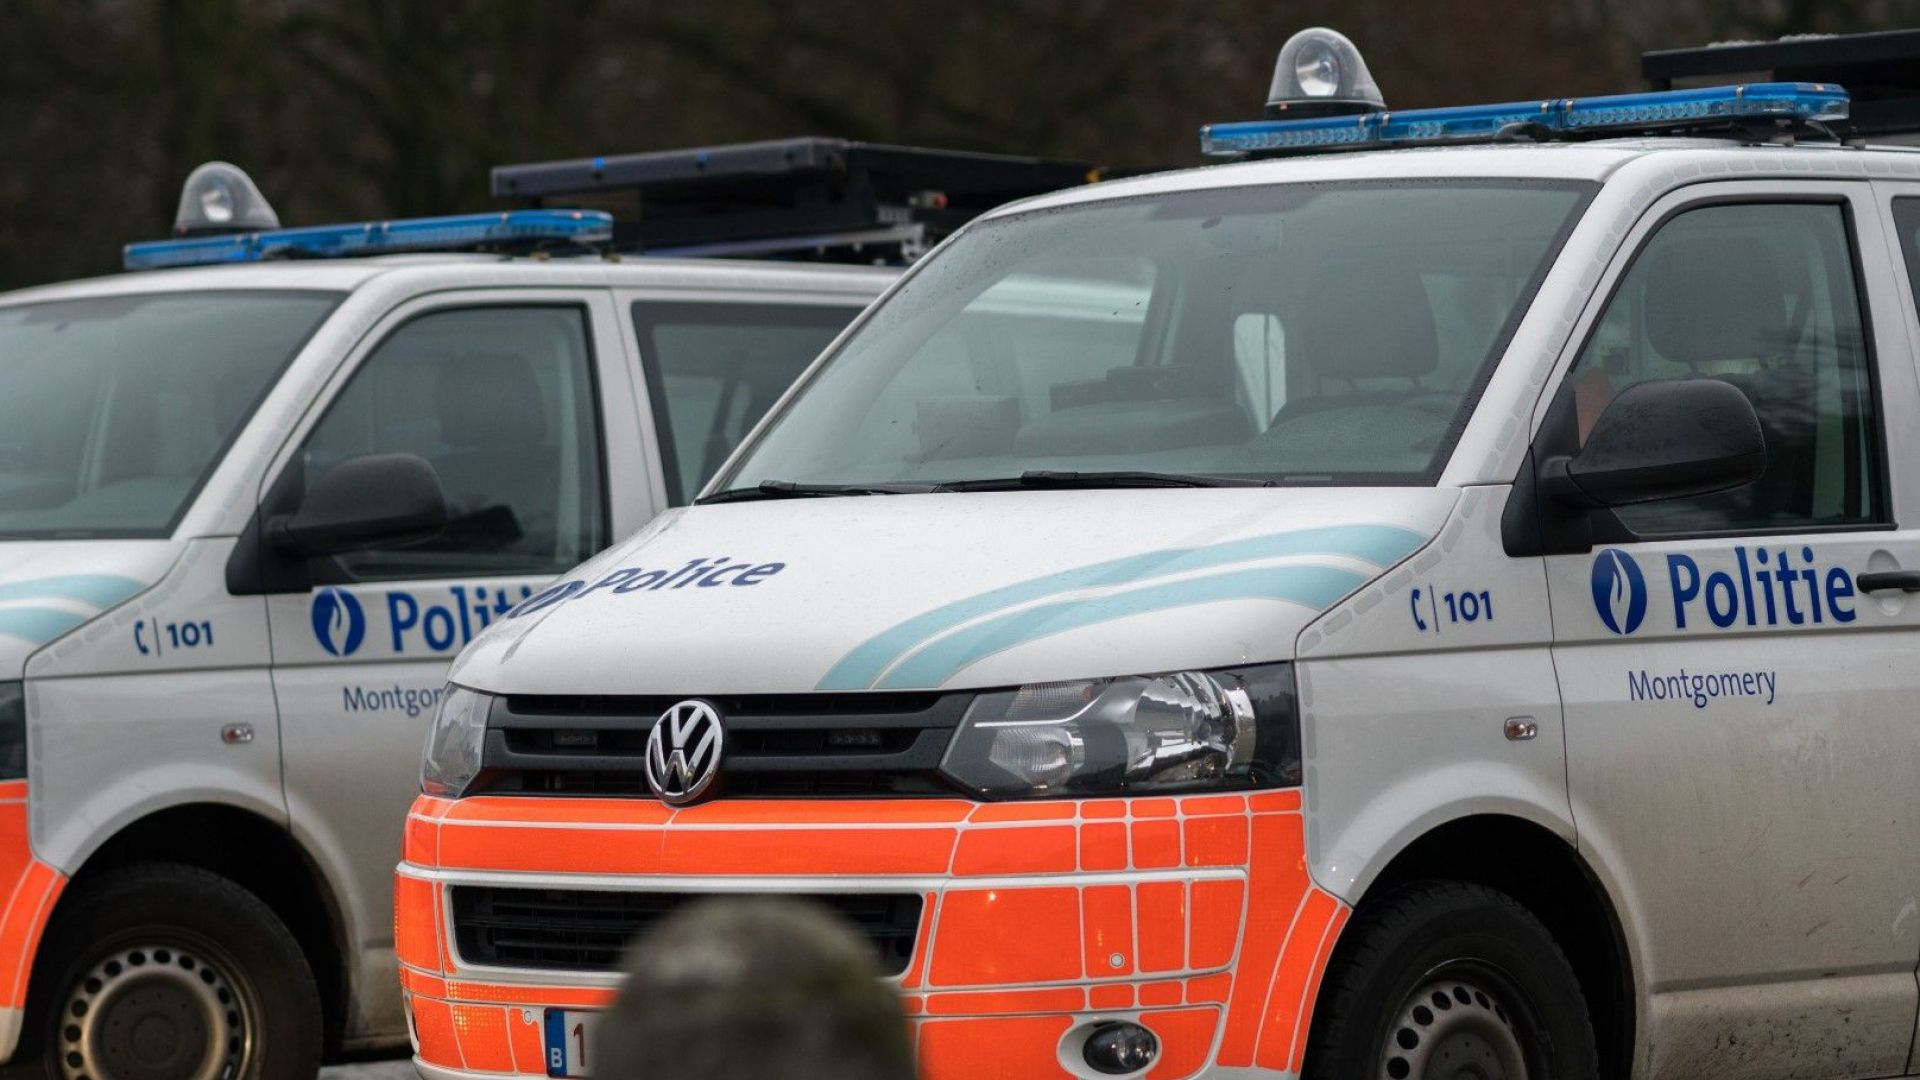 Кола с БГ номера е използвана при грабеж в Белгия